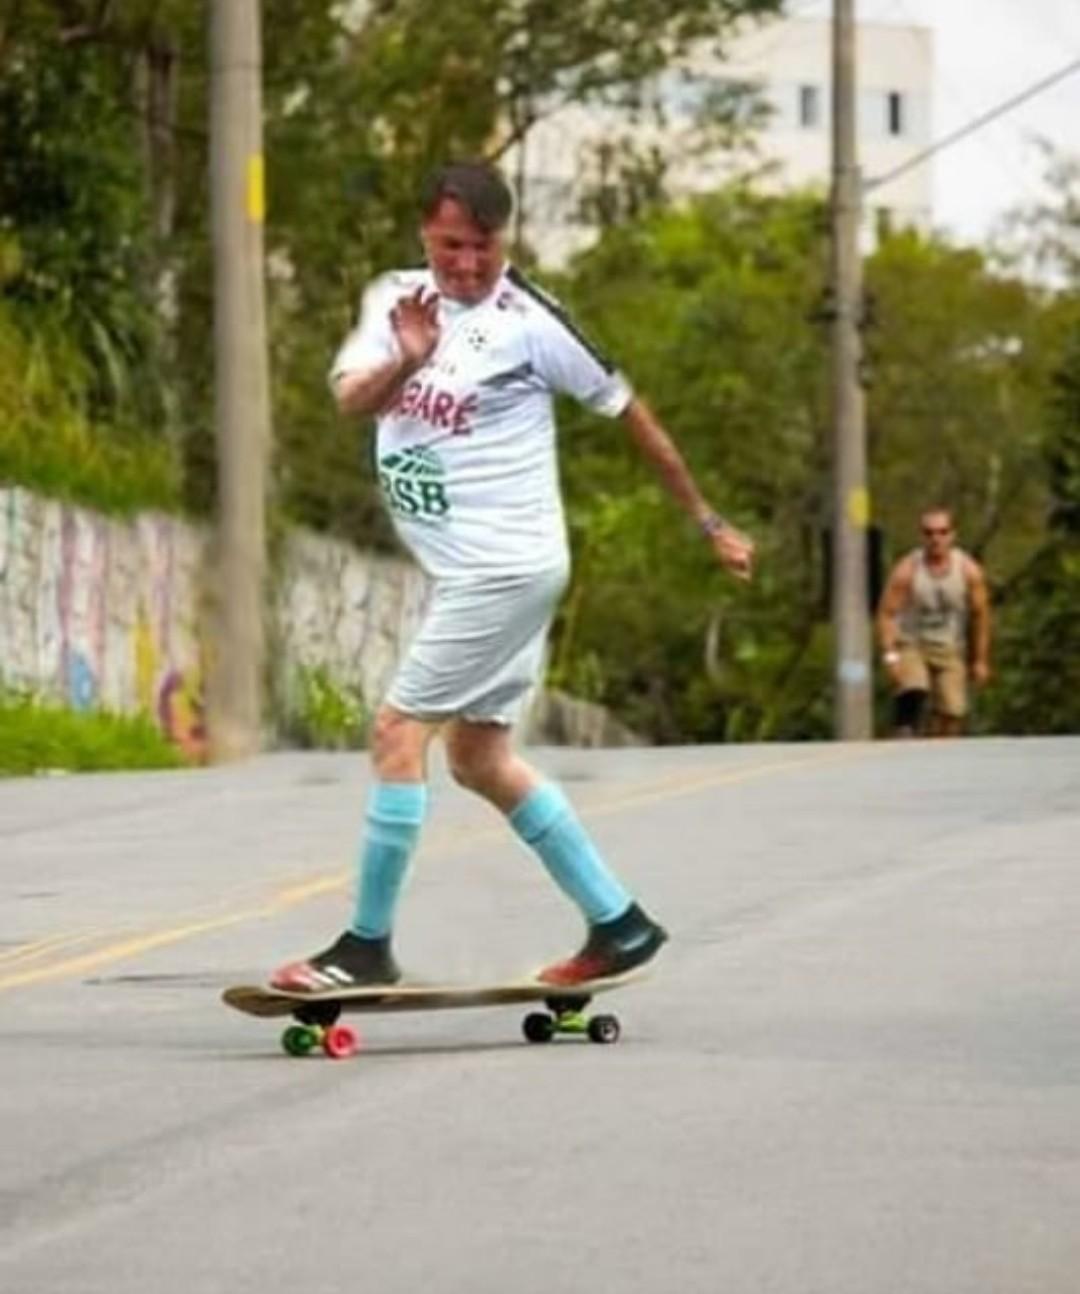 agora eu sei exatamente como andar de skate - meme